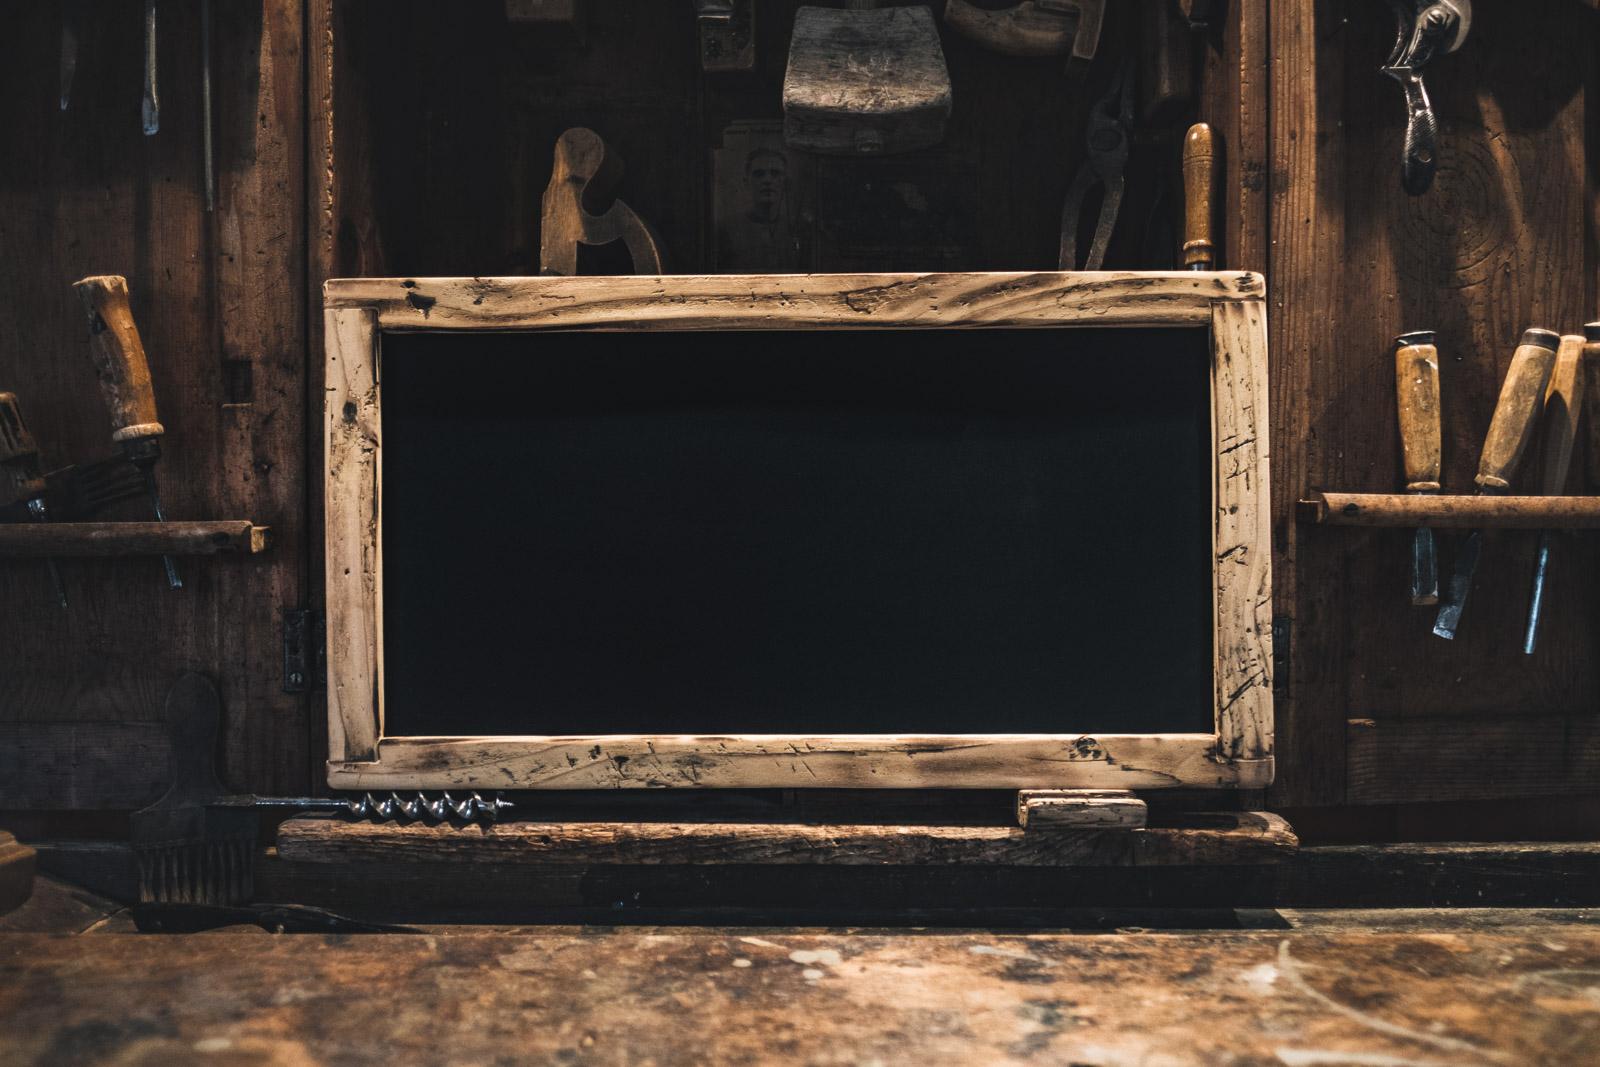 Full Size of Magnetische Kreidetafel Deine Tafeldesign Kräutertopf Küche Alno Doppelblock Holzofen Müllsystem Anrichte Vorratsschrank Abluftventilator Modul Wohnzimmer Magnetische Kreidetafel Küche